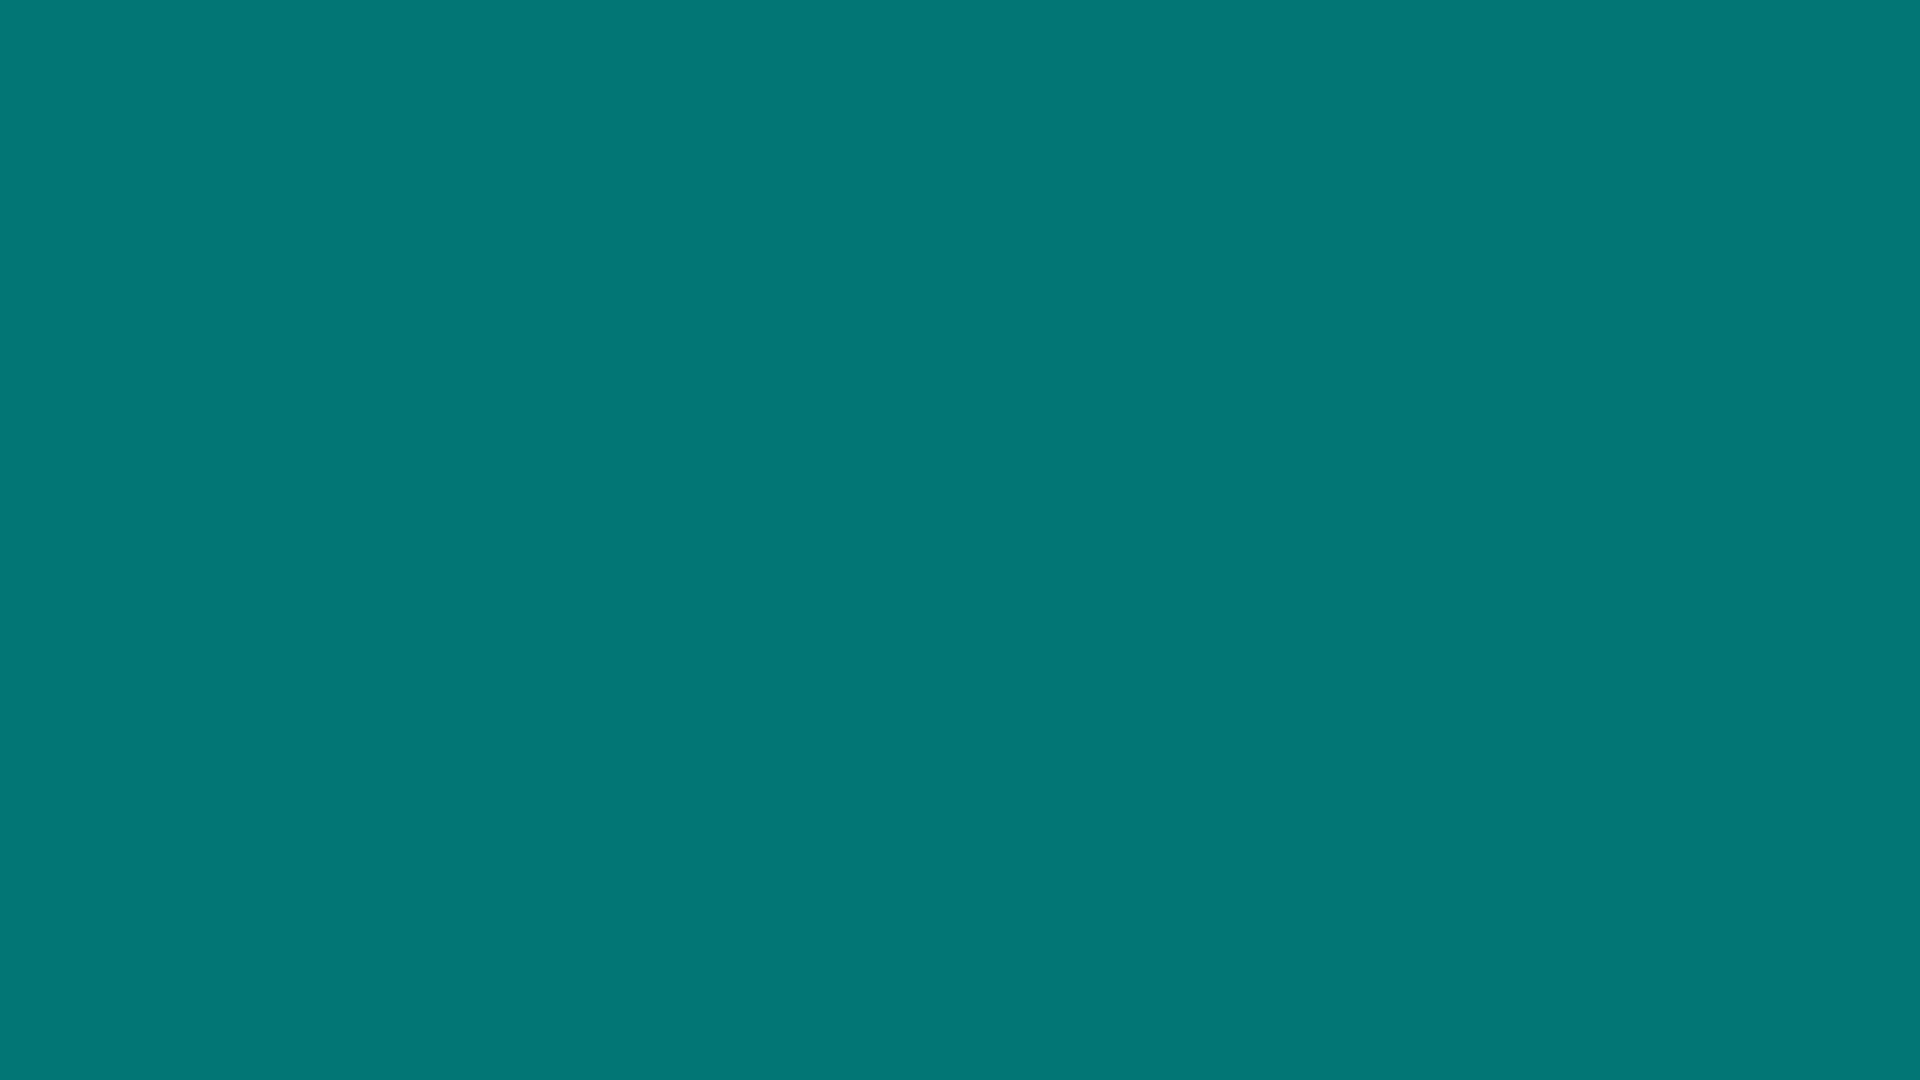 [공지] 아시아연구소 인터넷카페 공간활용방안 공모 마감안내